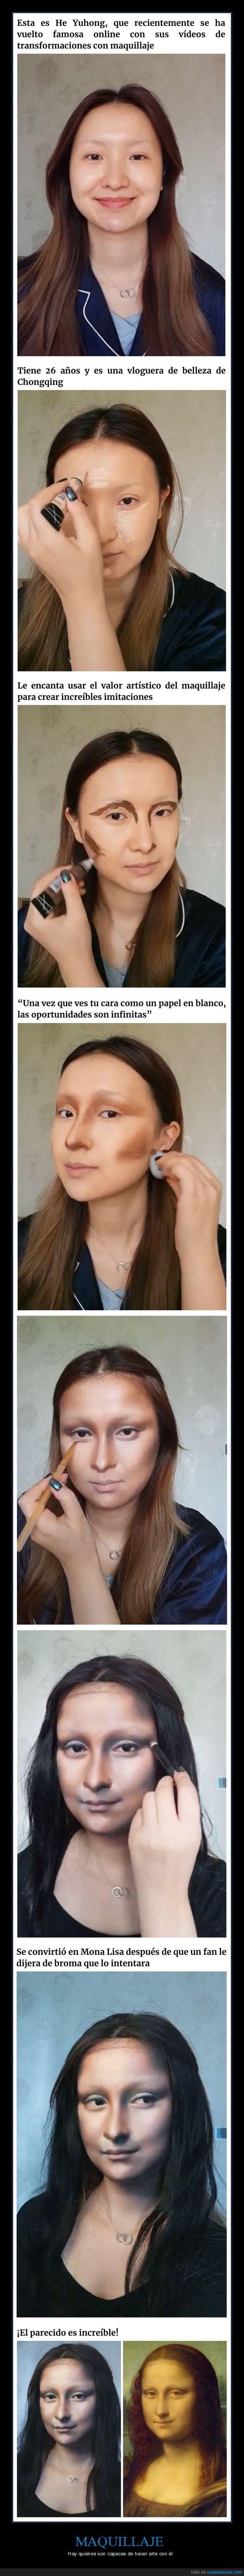 increible el poder del maquillaje mona lisa